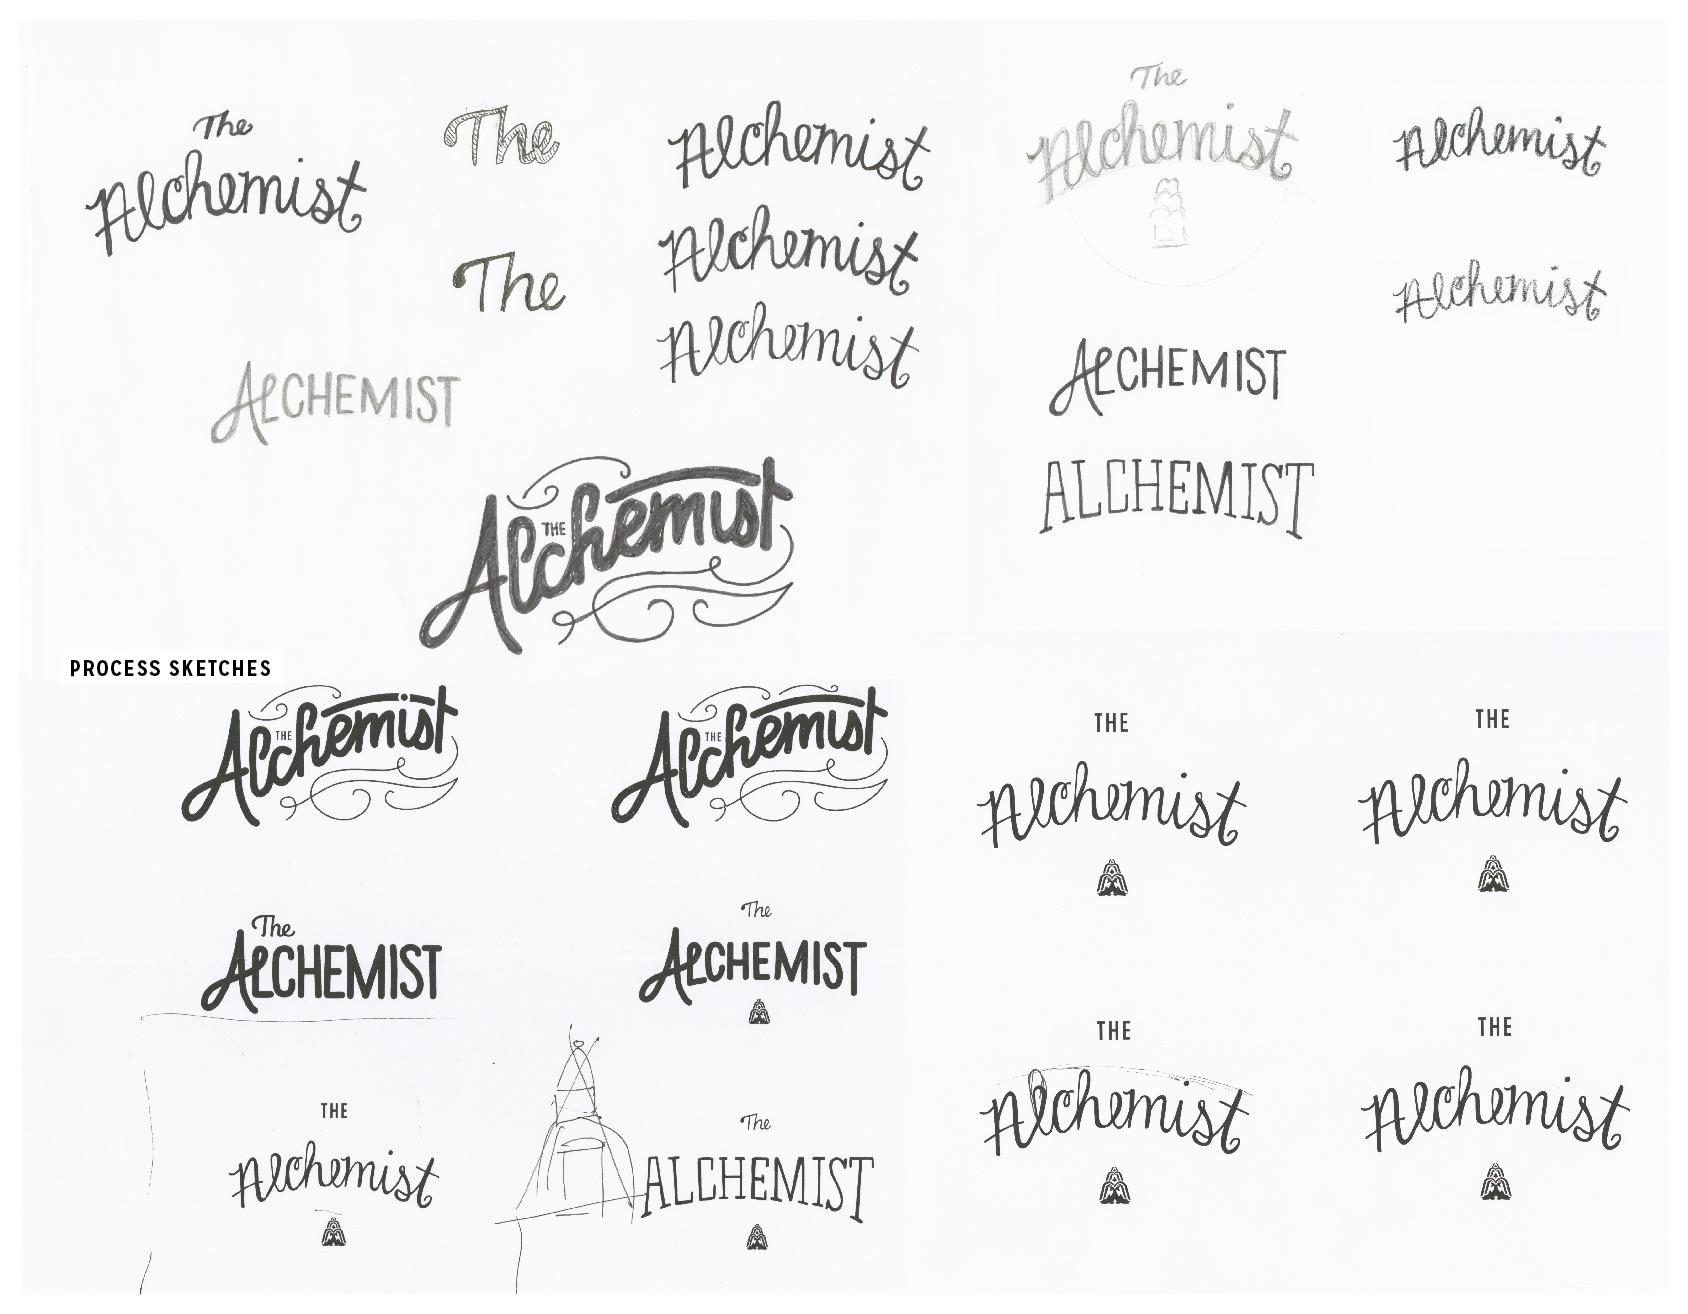 alchemist_sketches-15-19.jpg